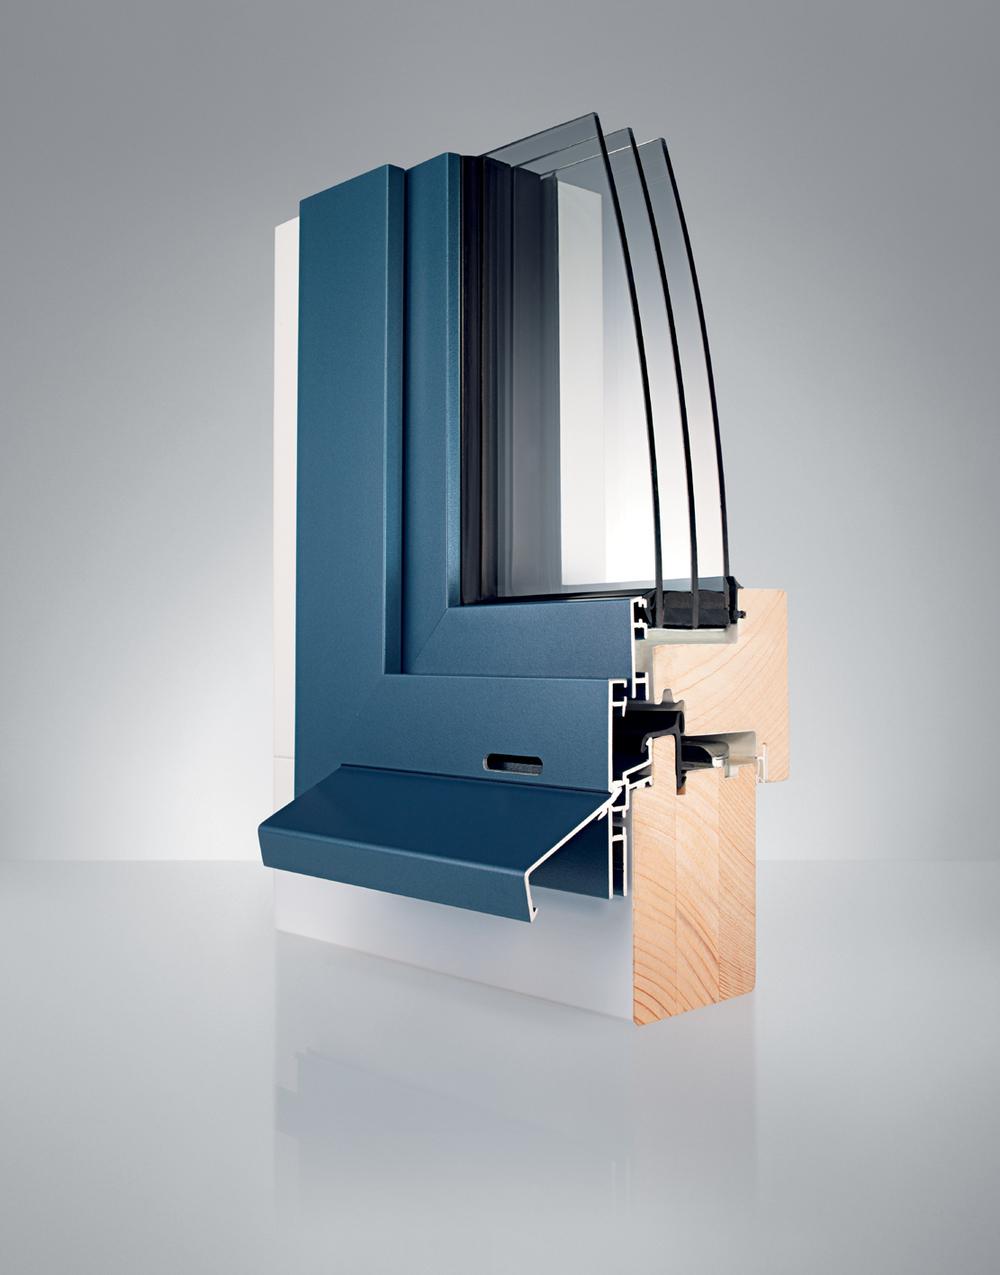 Profil Holz/alu-Fenster WS1 vollflächenverseetzt